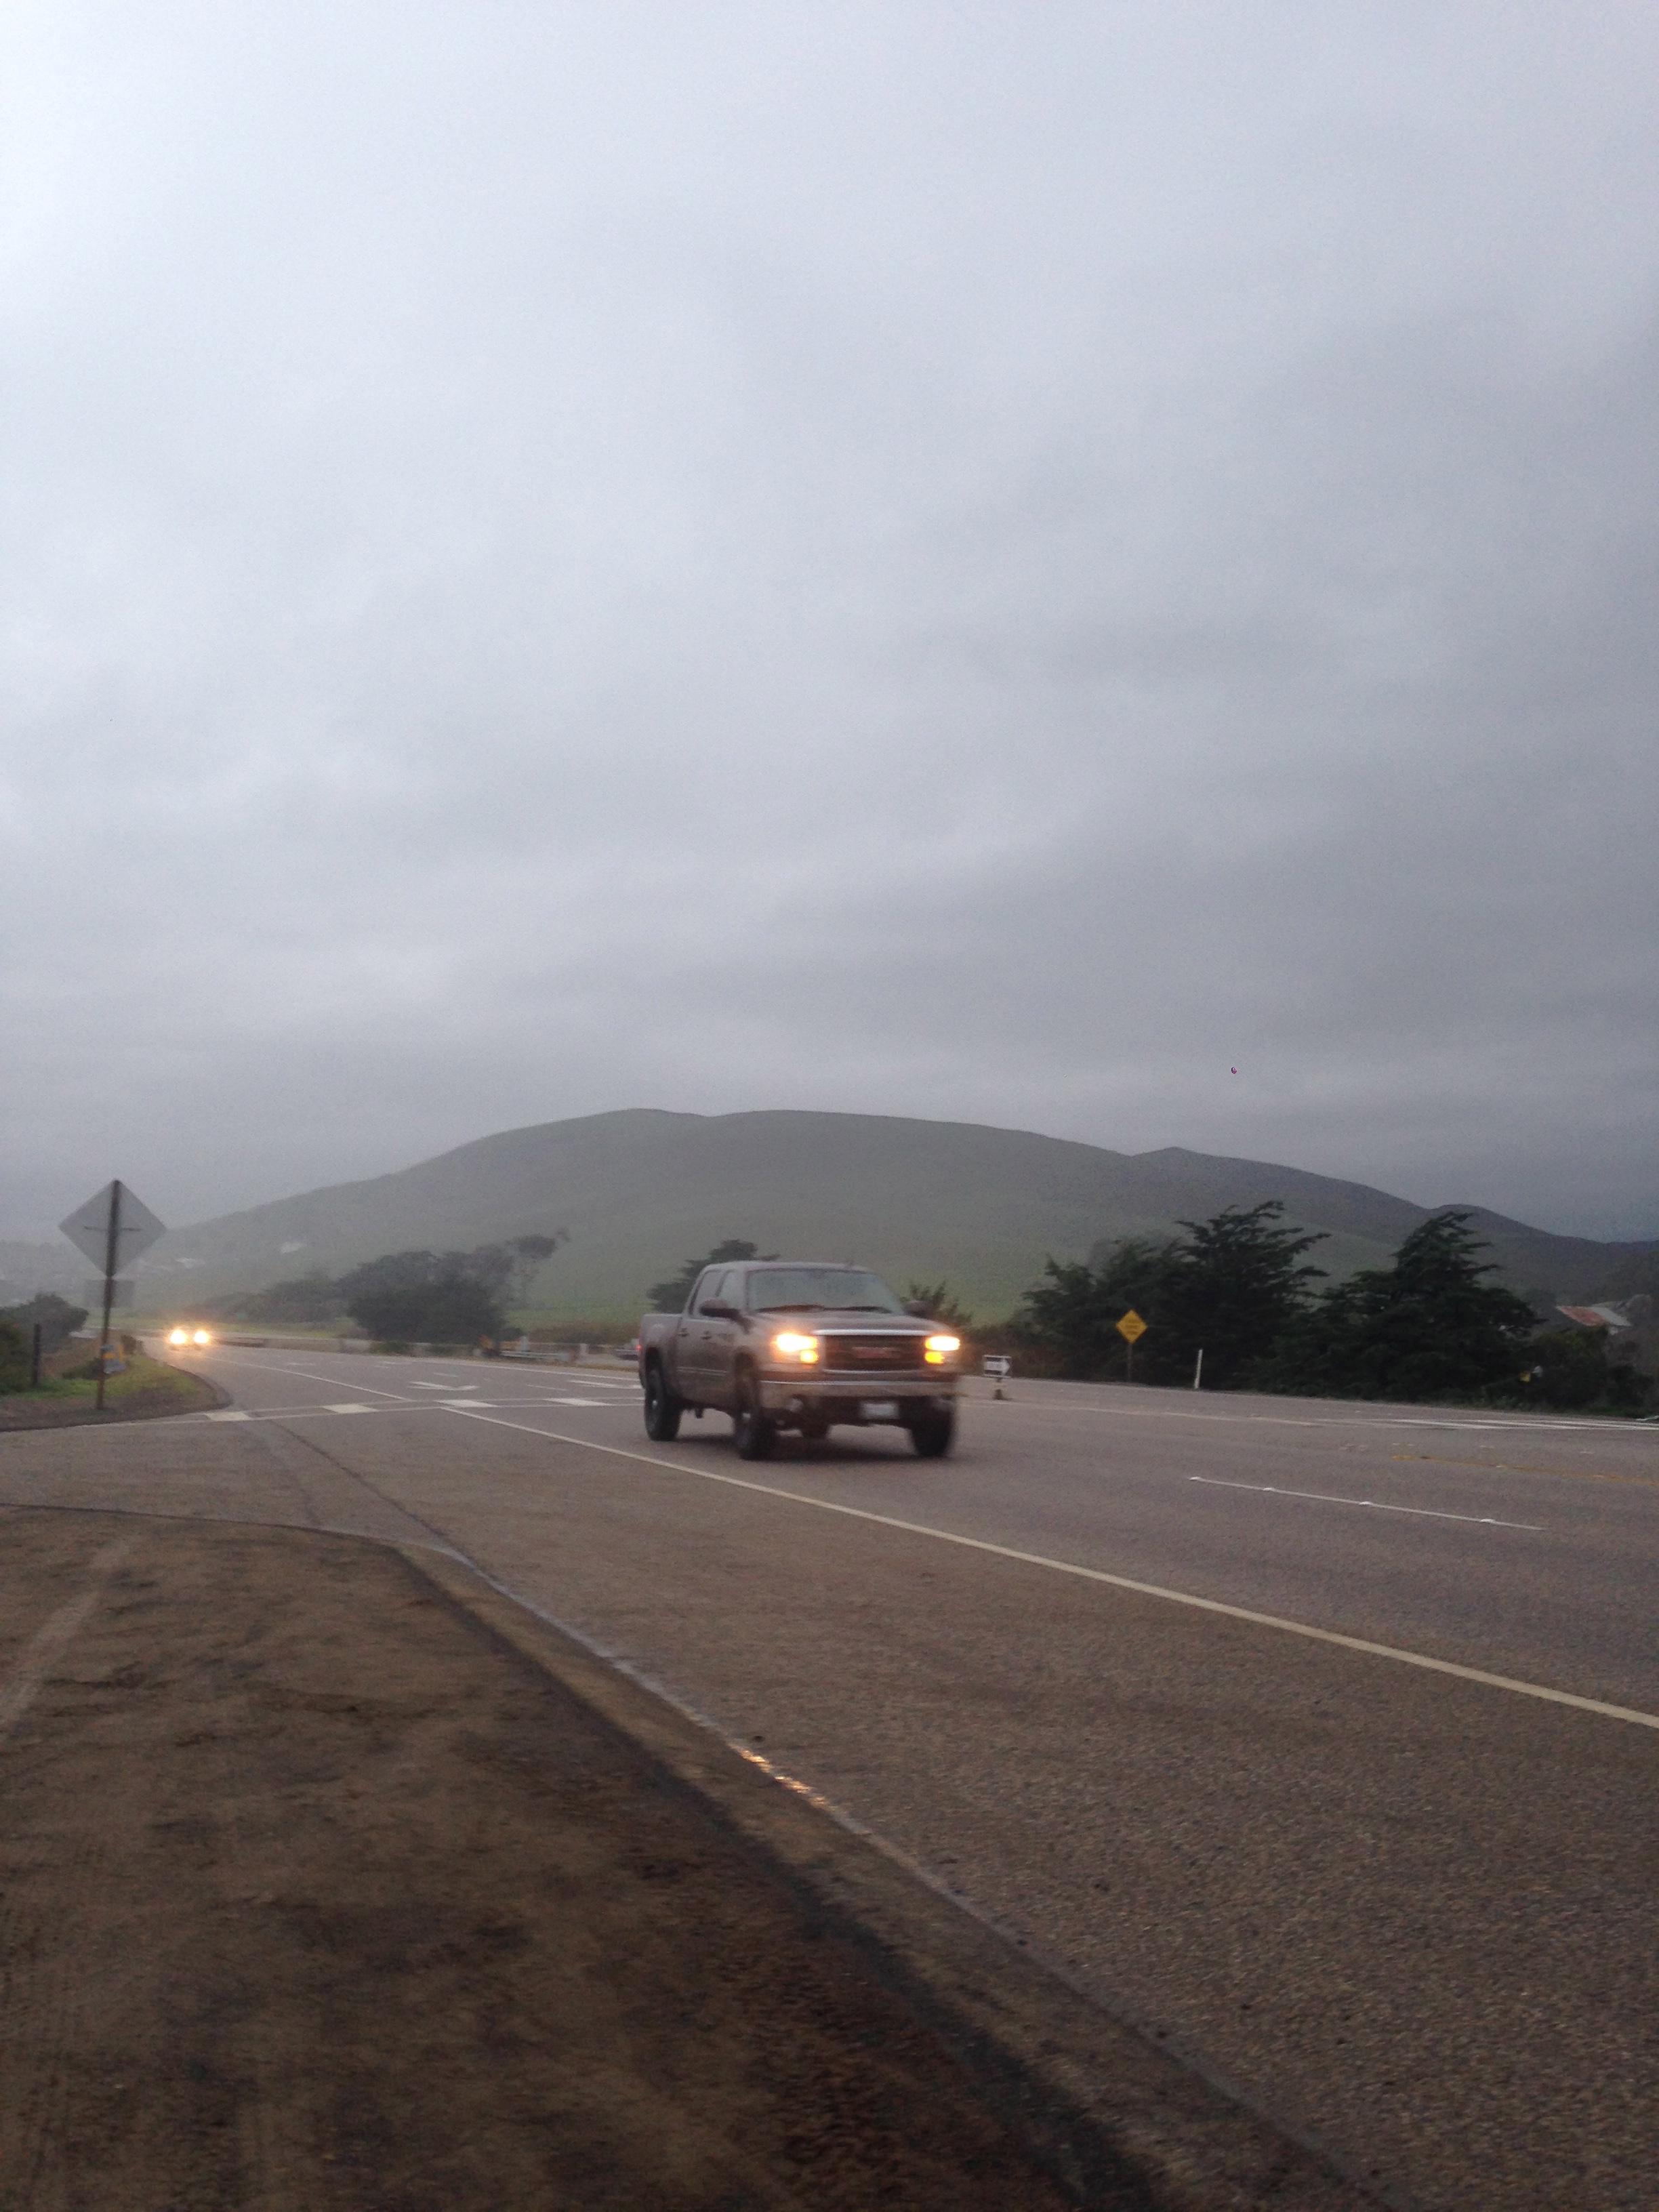 California, A Roadtrip in The USA